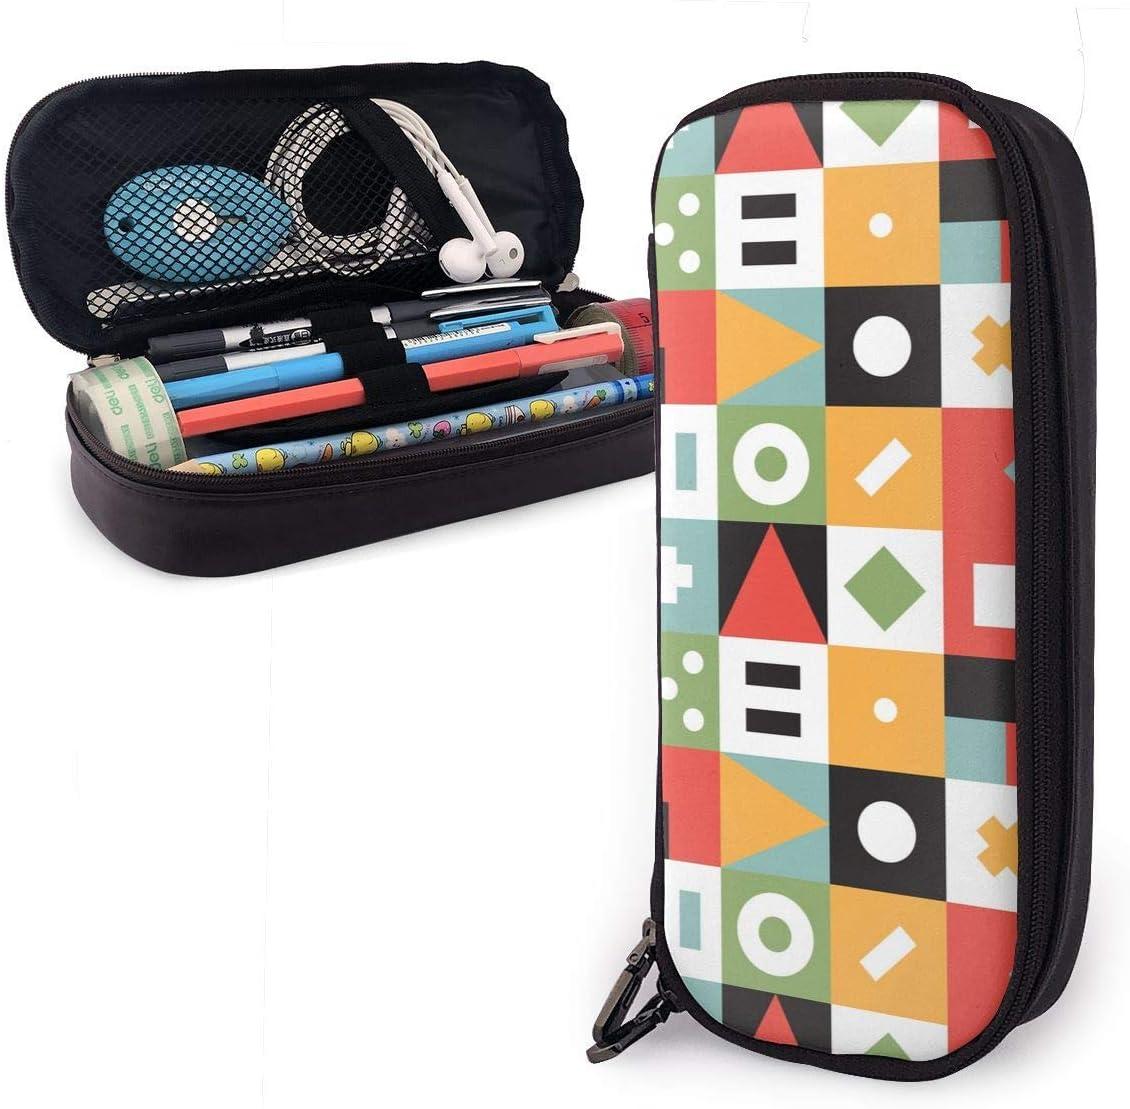 Mosaico cuadrado colorido retro Símbolos matemáticos Estuche de cuero Estuche de lápices Estuche para bolígrafo Multifunción